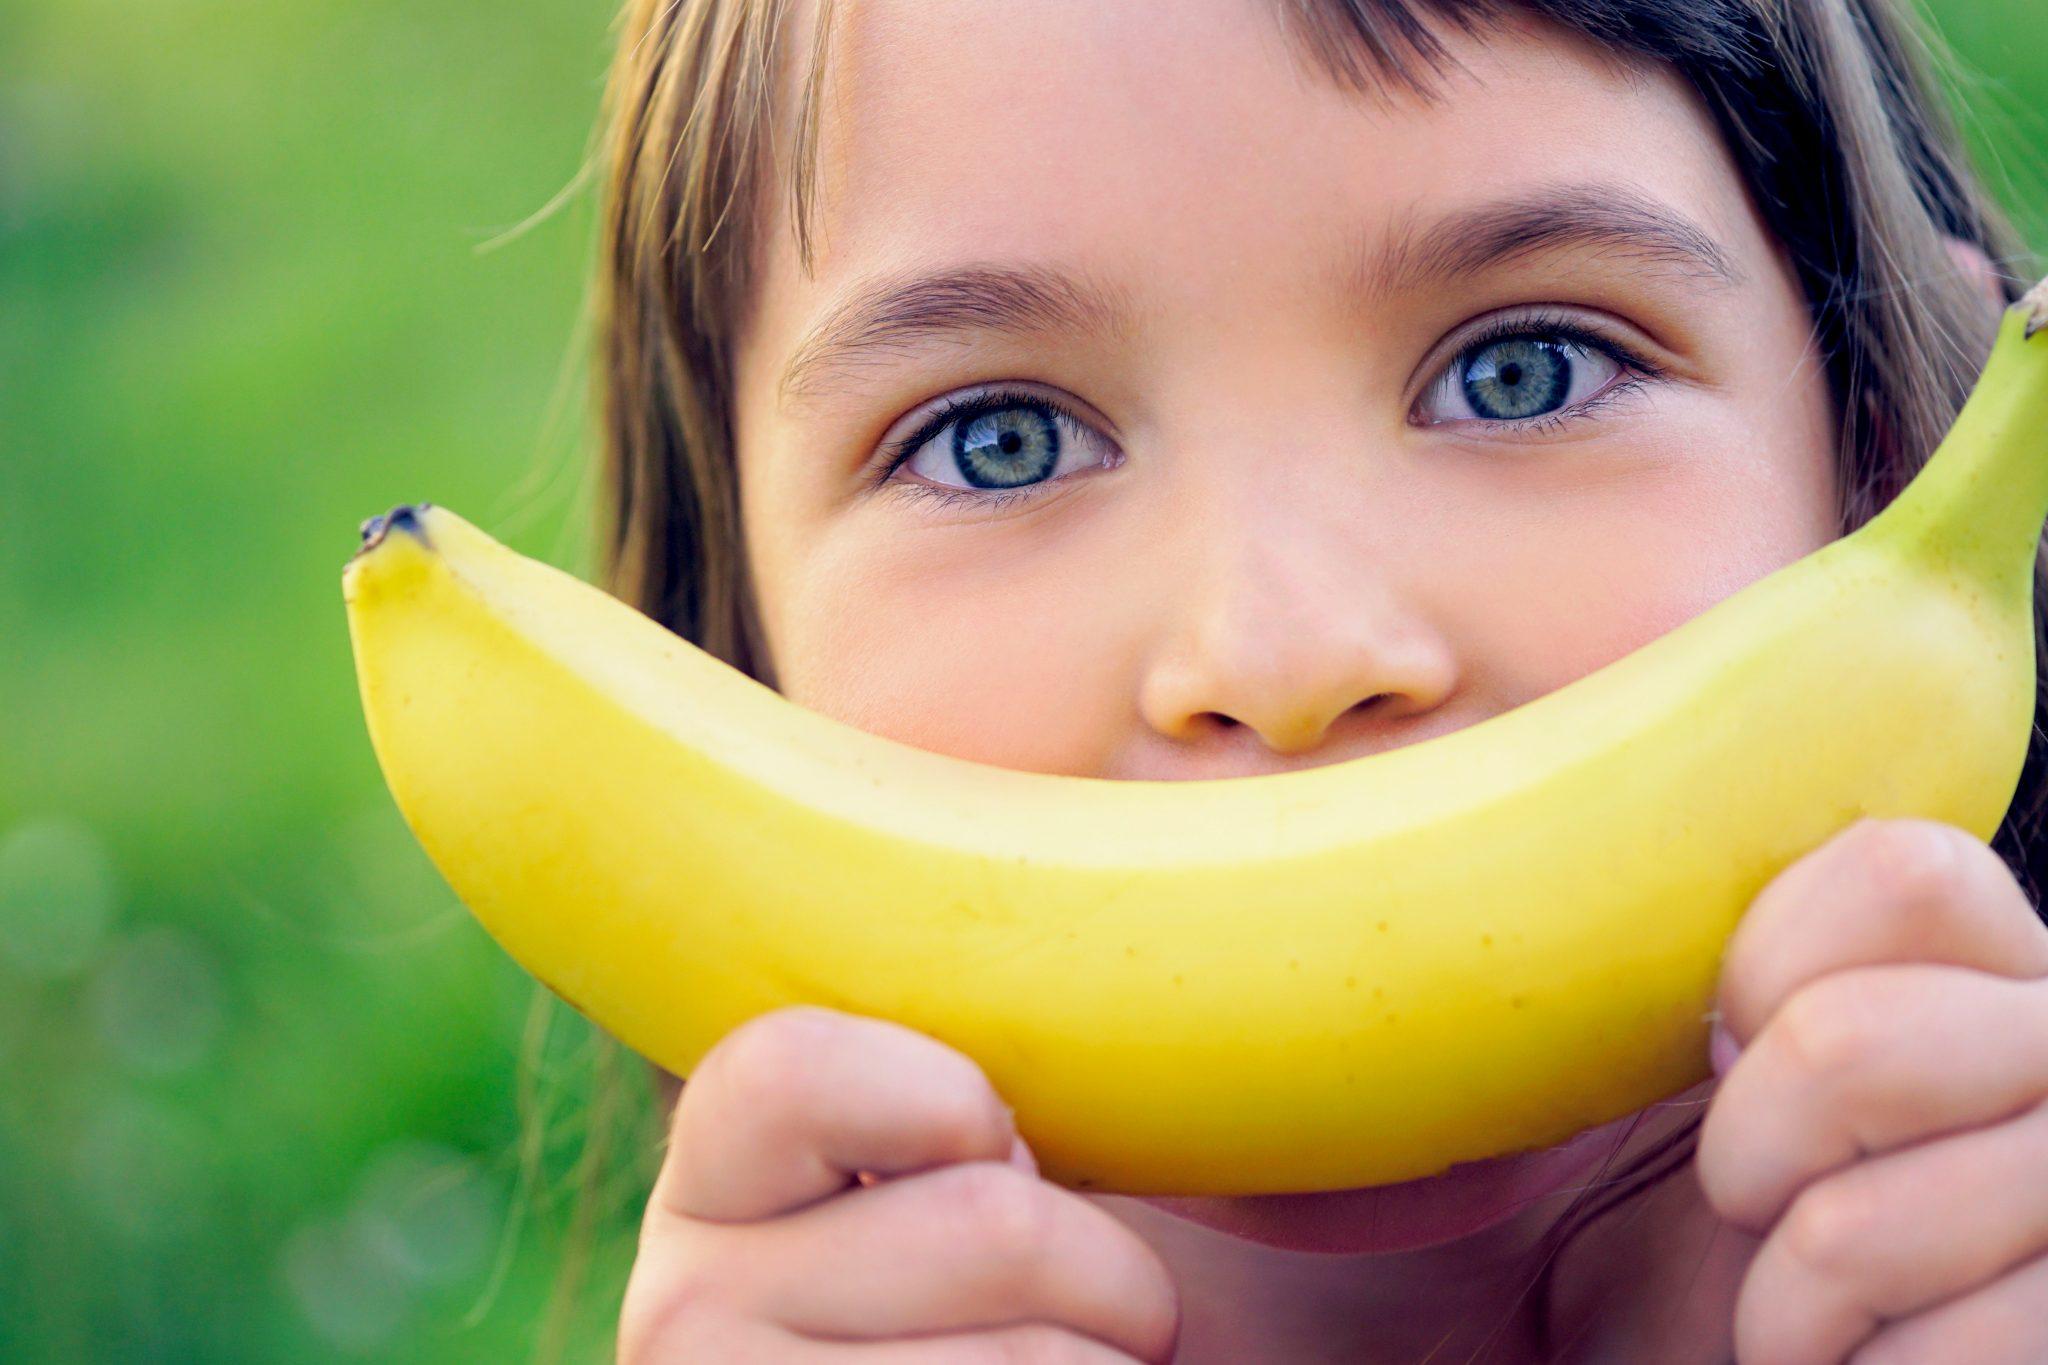 バナナを持っている子ども